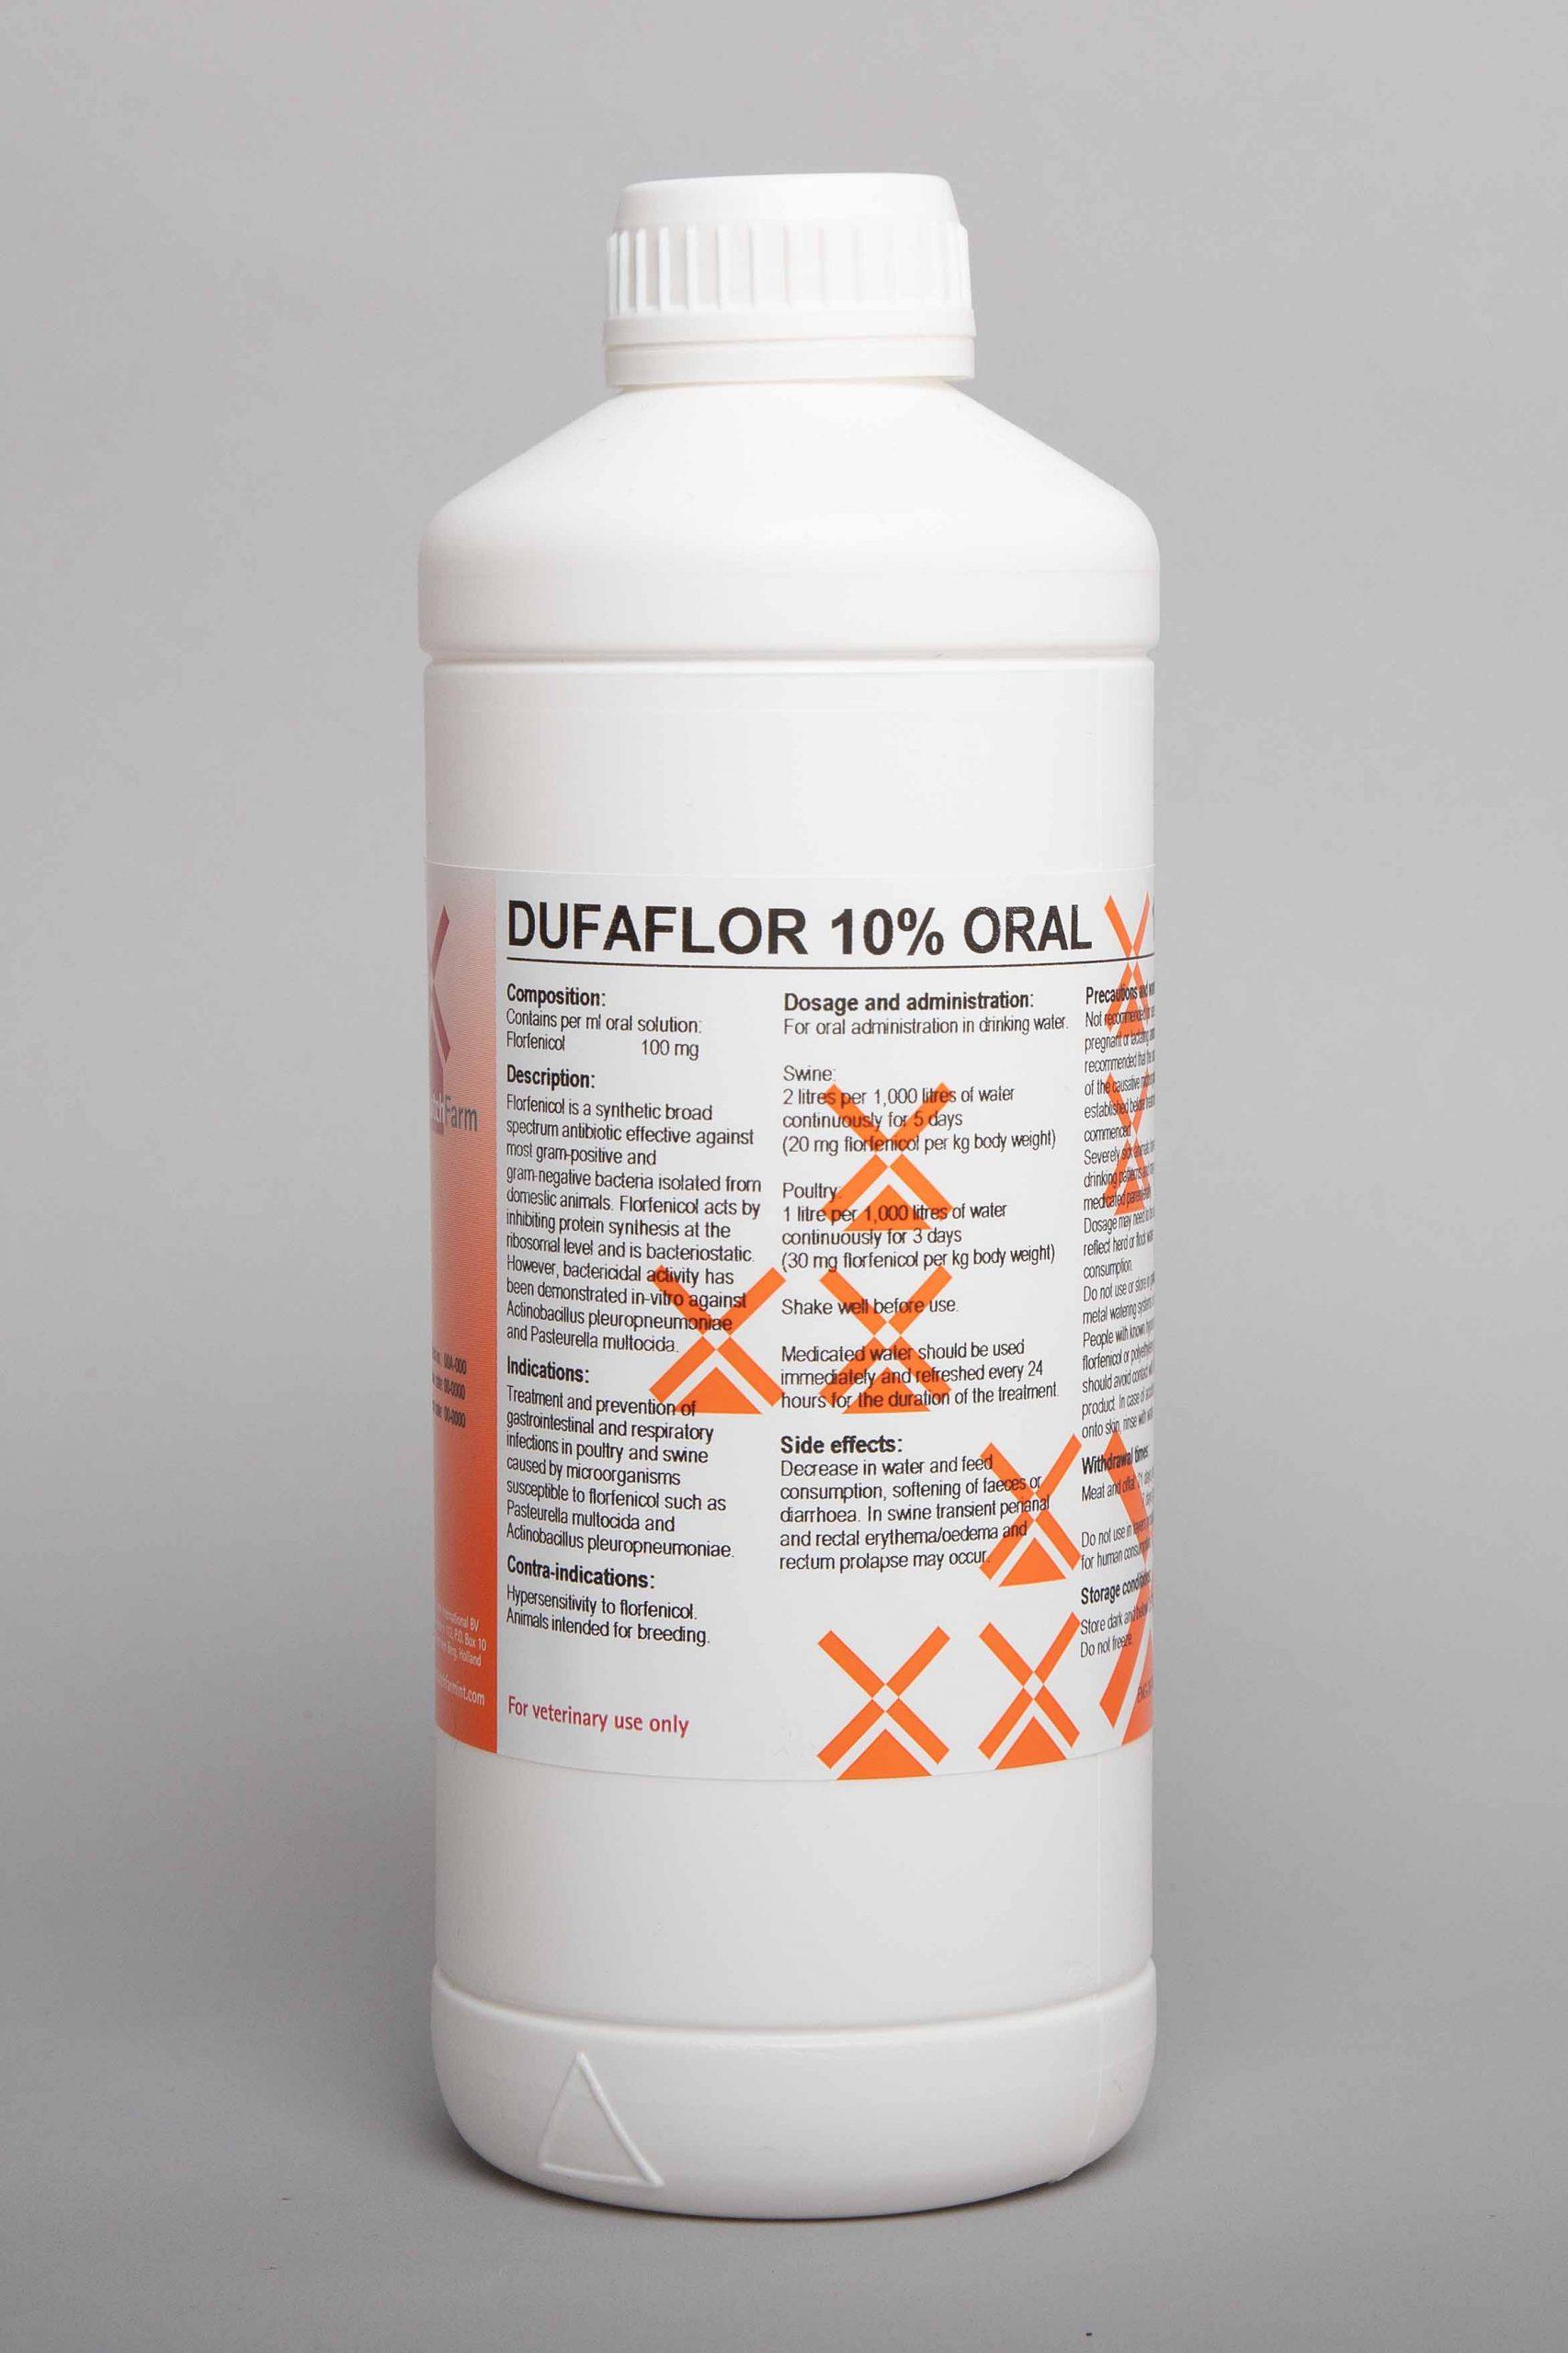 Dufaflor 10% Oral